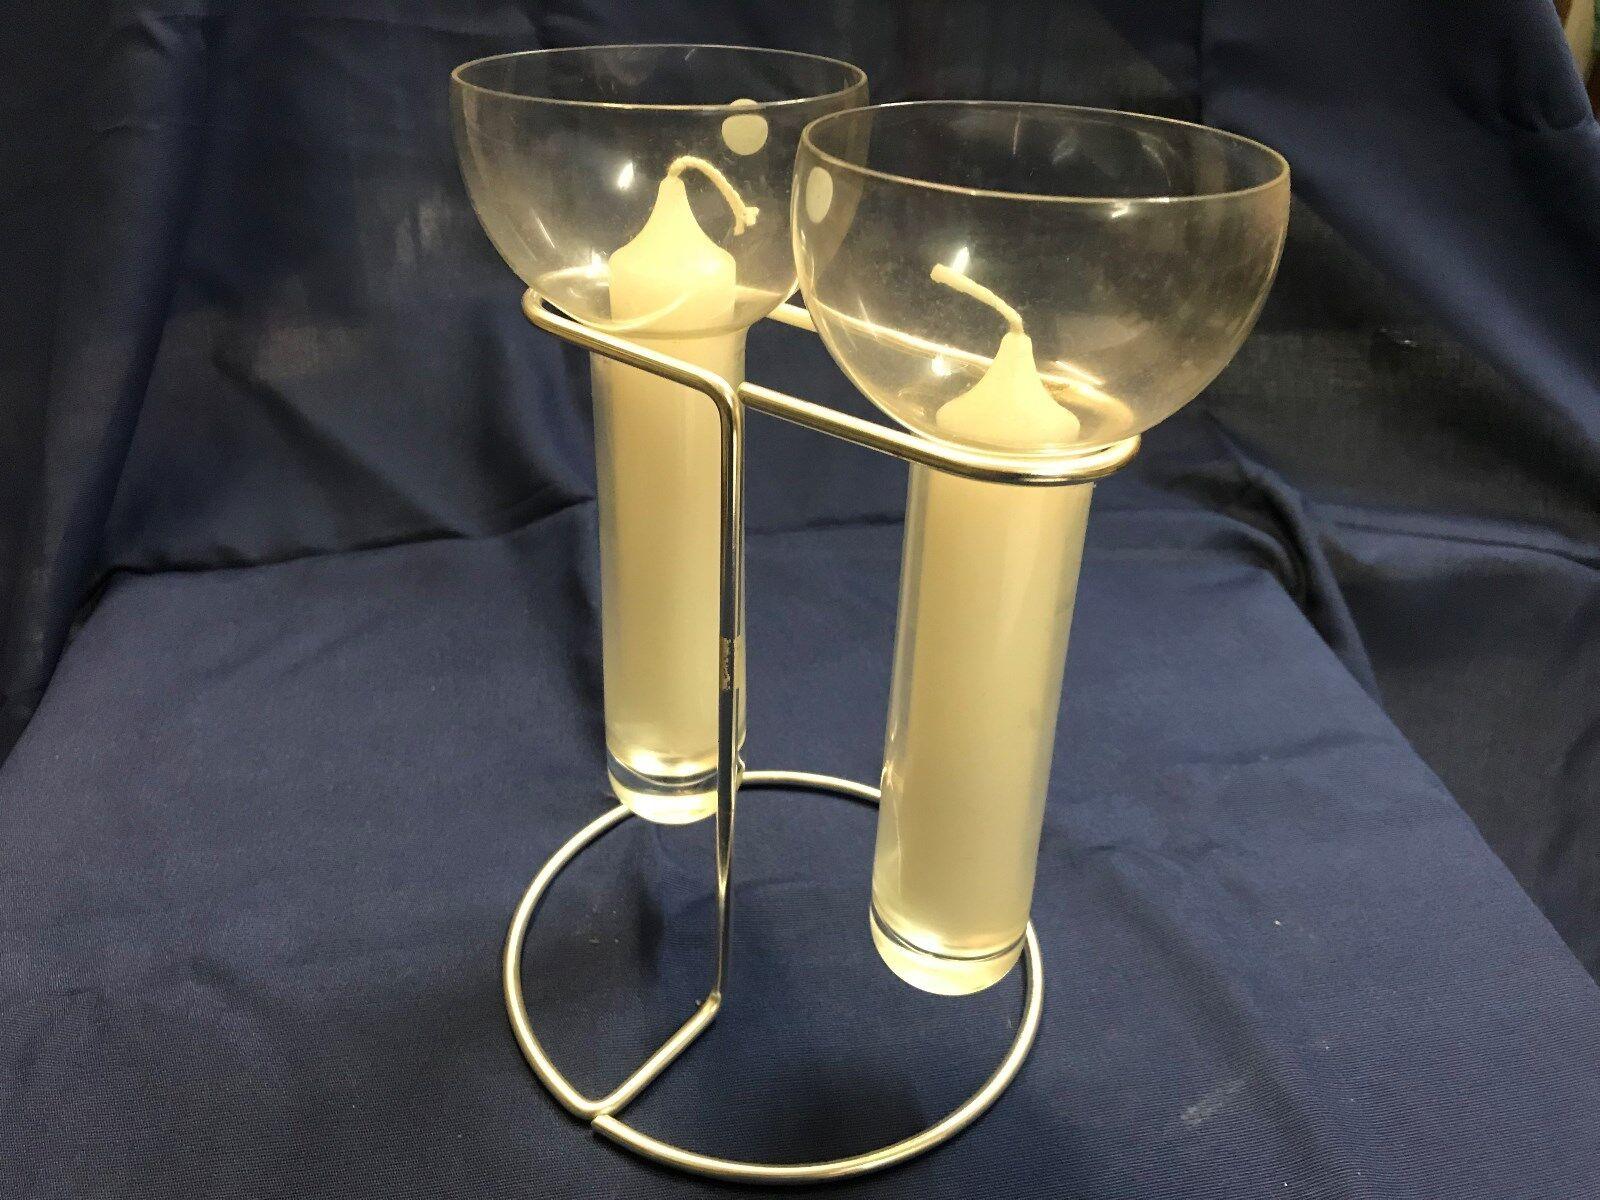 Rosanthal Leuchter  Aqualux  2-flammig 2-flammig 2-flammig  | Sonderaktionen zum Jahresende  74c099